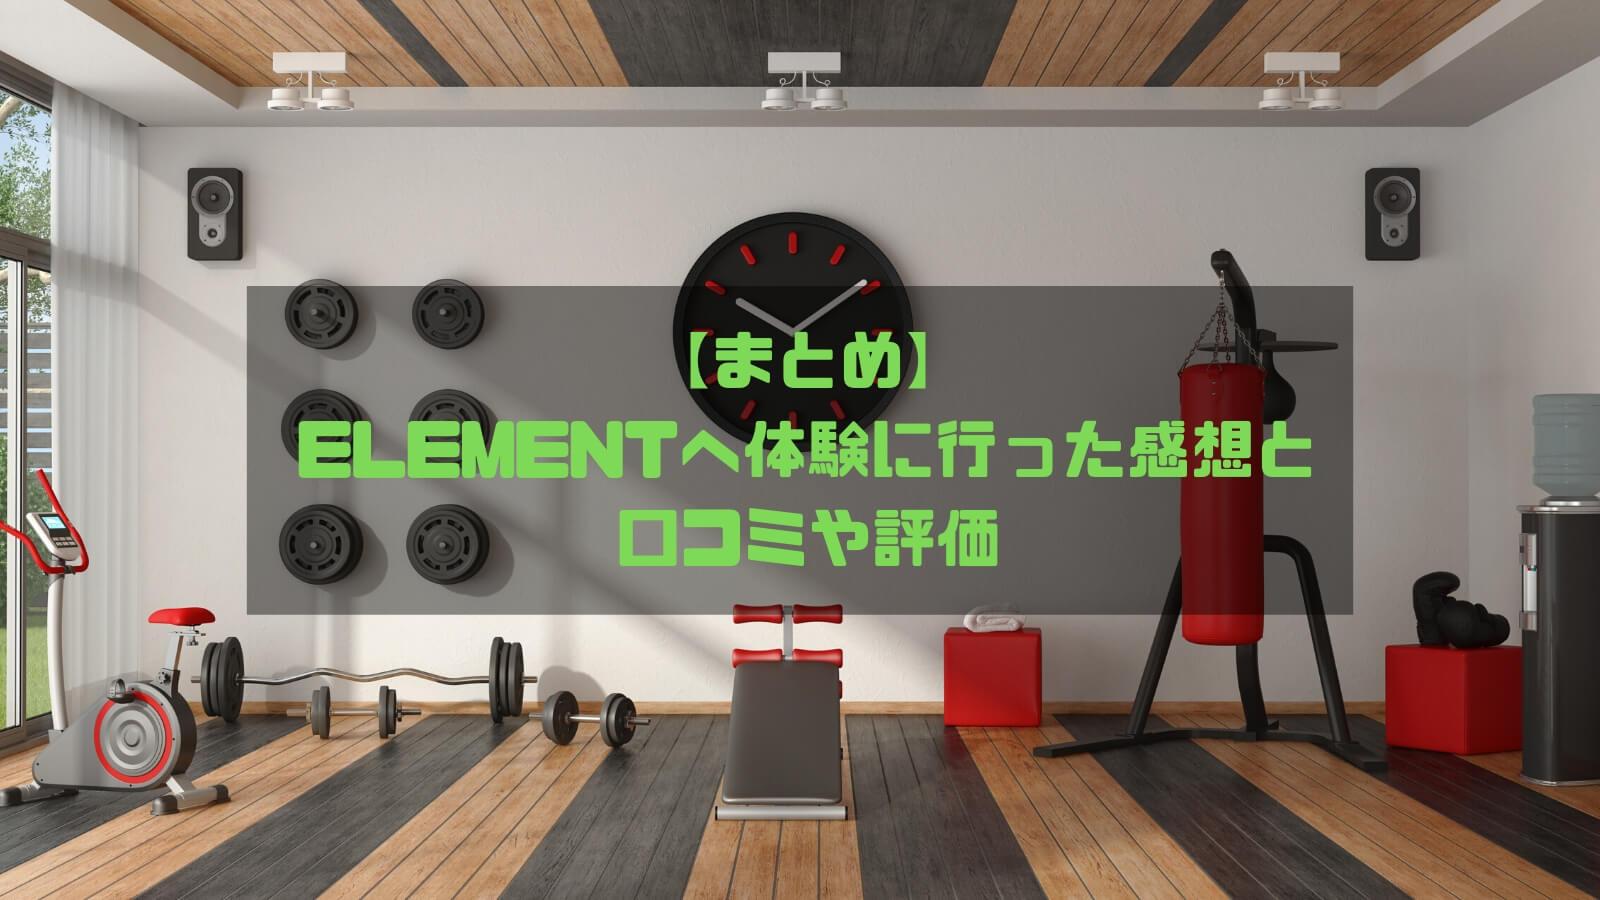 【まとめ】ELEMENTへ実際に体験に行った感想と口コミや評価